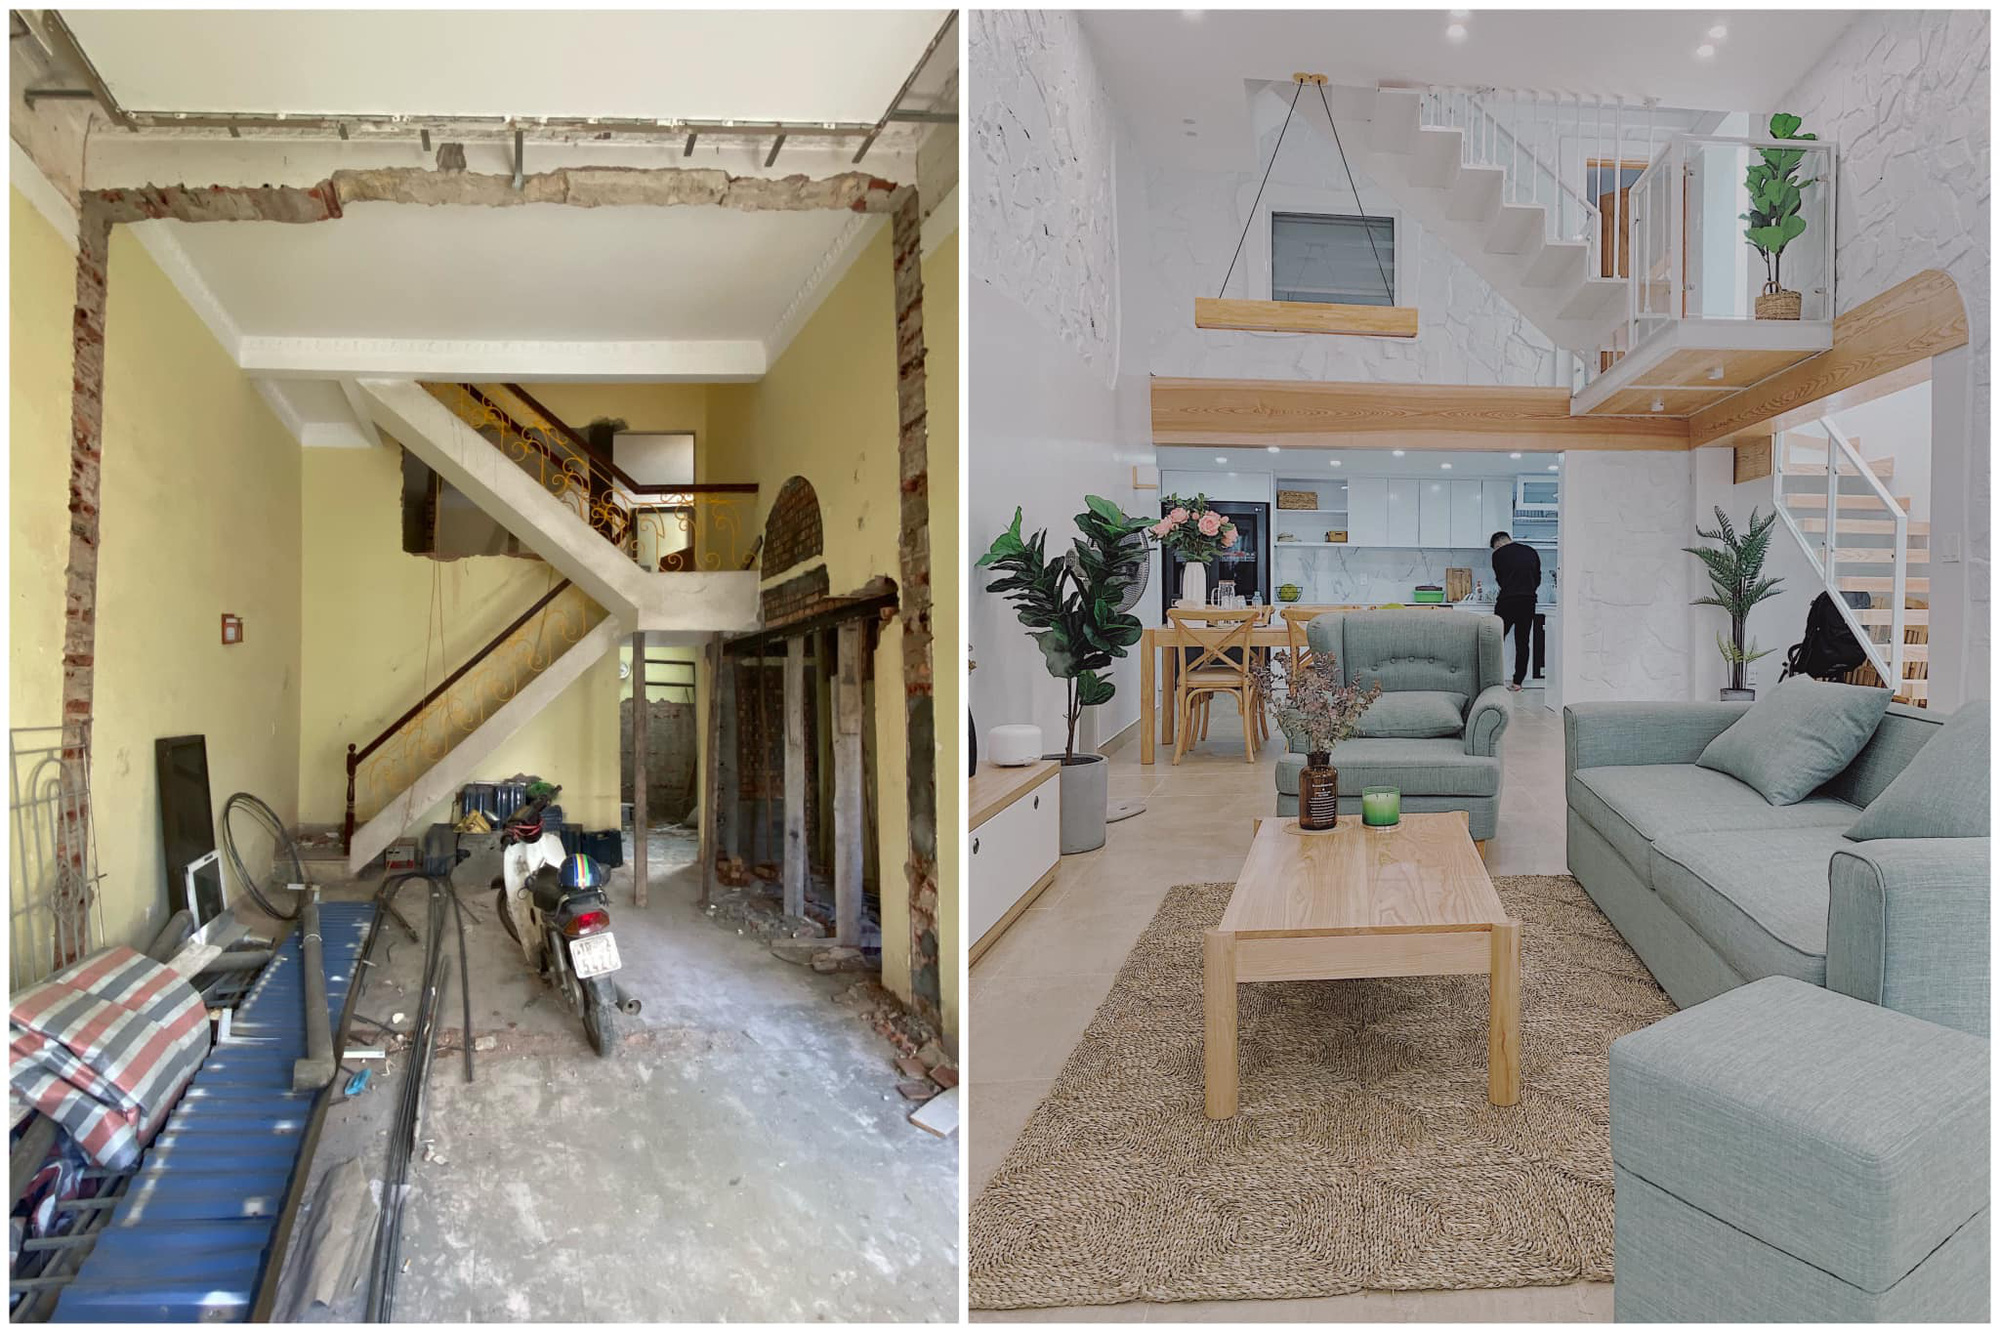 Chán cảnh nhà thuê, cặp vợ chồng ở Hải Phòng mạnh tay mua căn nhà cũ kỹ có tuổi thọ 15 năm để biến thành không gian sống đậm chất Hàn Quốc - Ảnh 3.